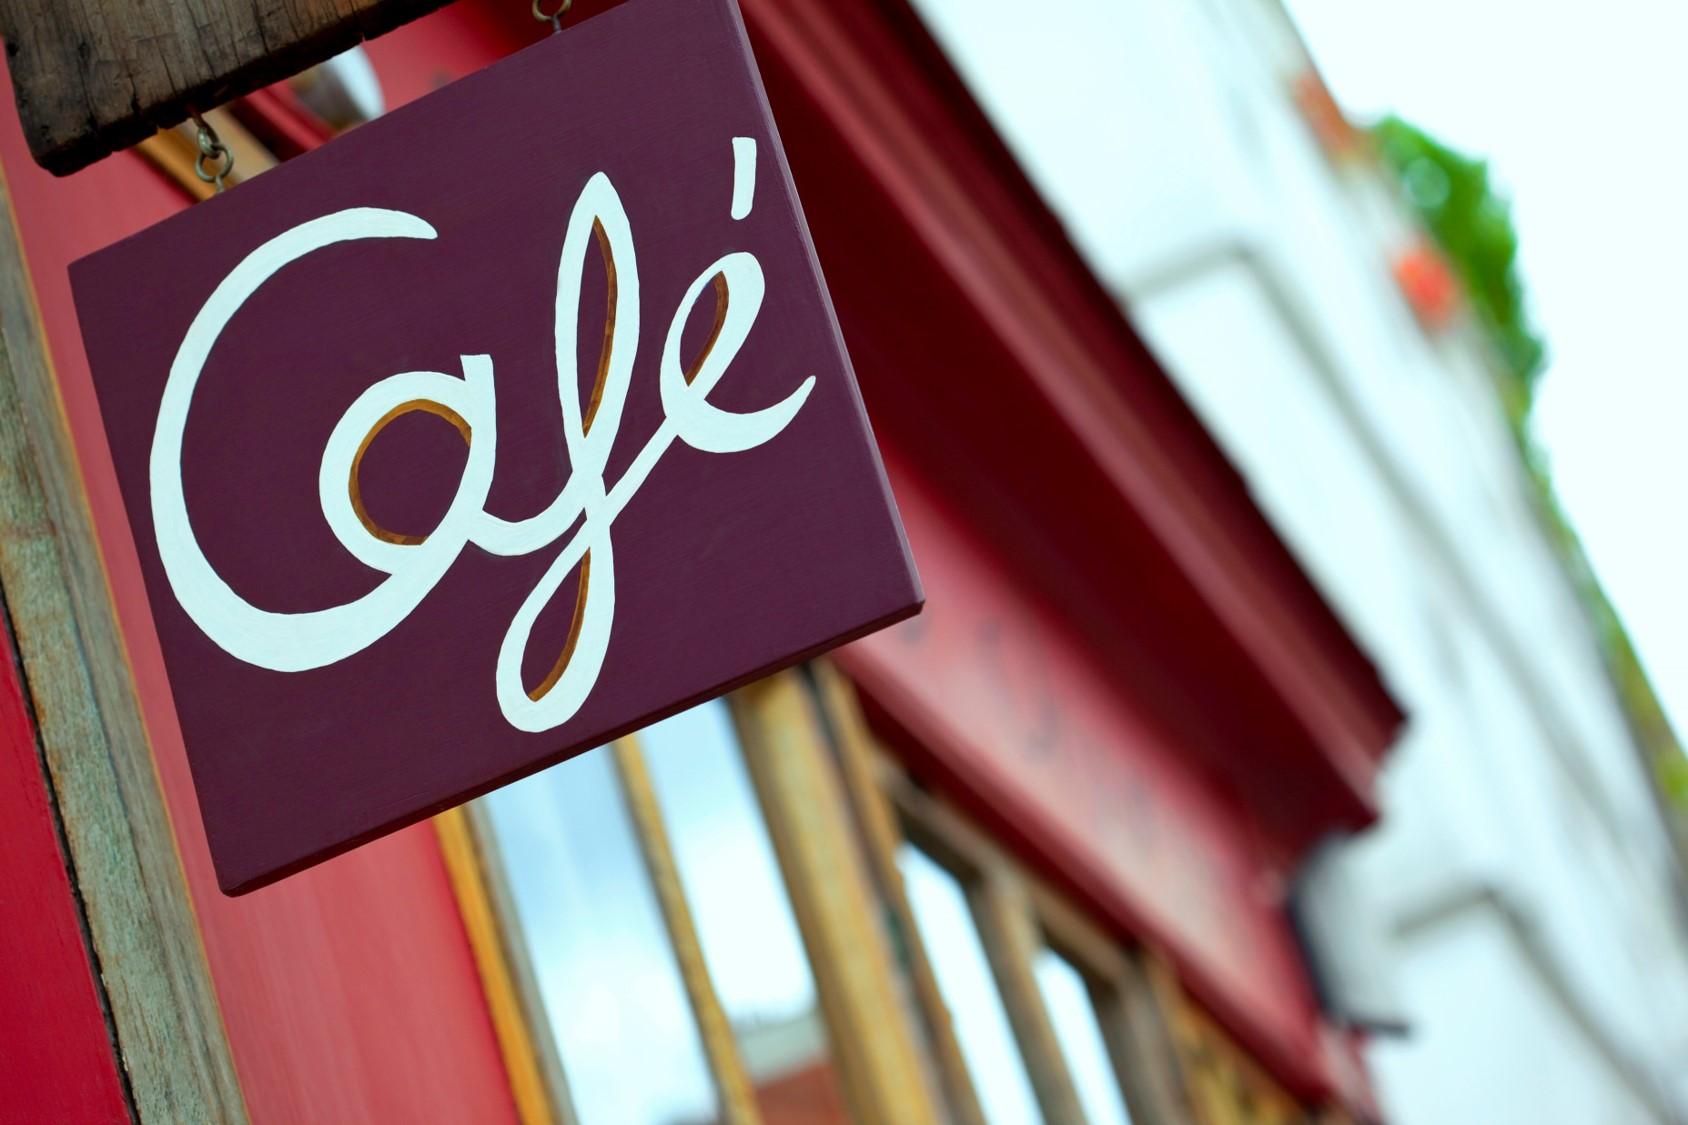 Paris: extinderea teraselor restaurantelor valabilă până în iunie 2021